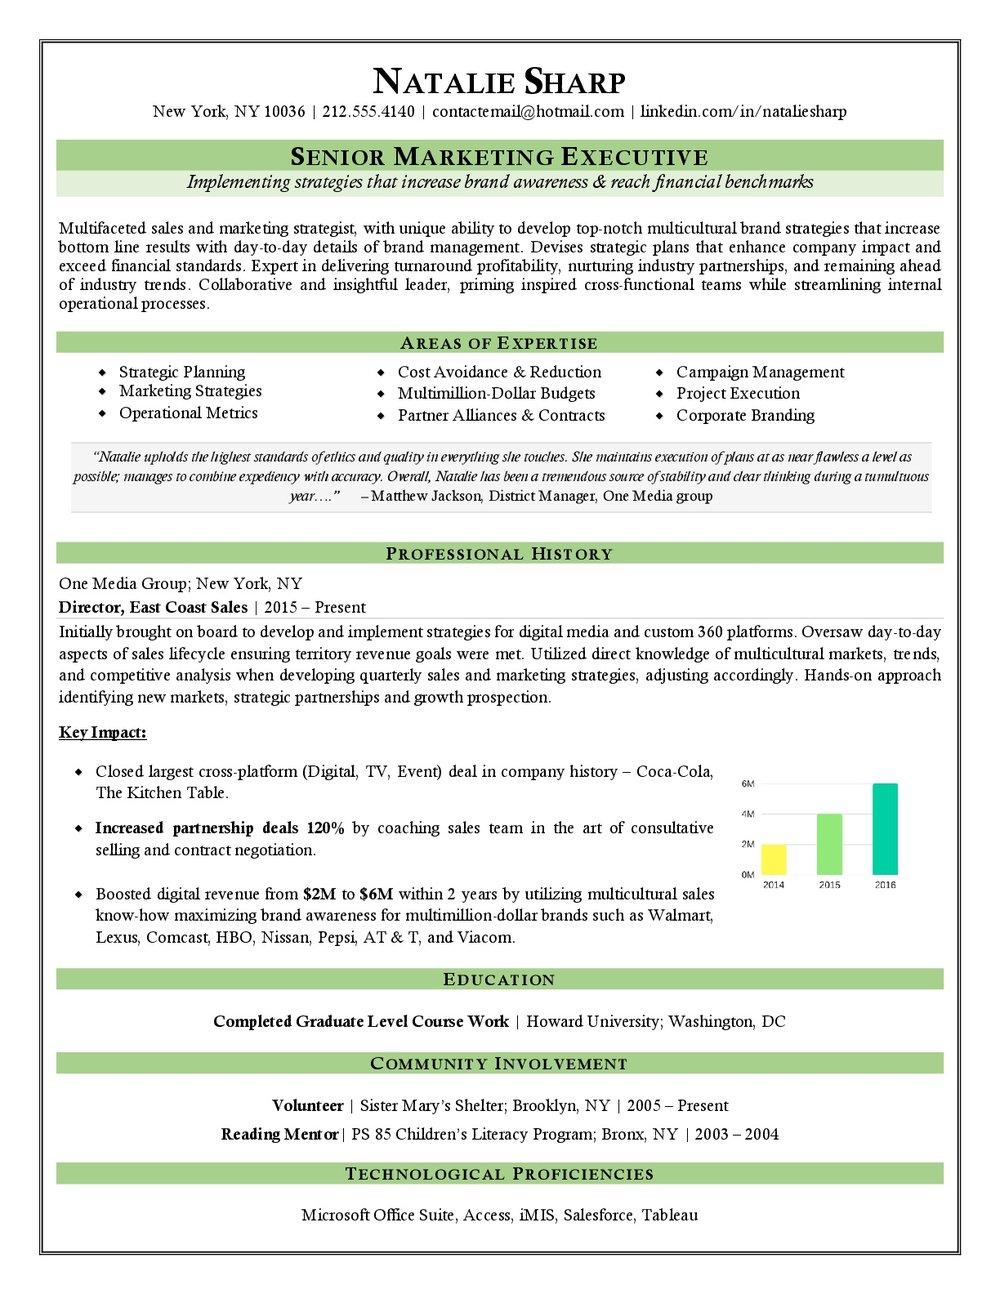 resume cover letter samples for medical office resume cover letter